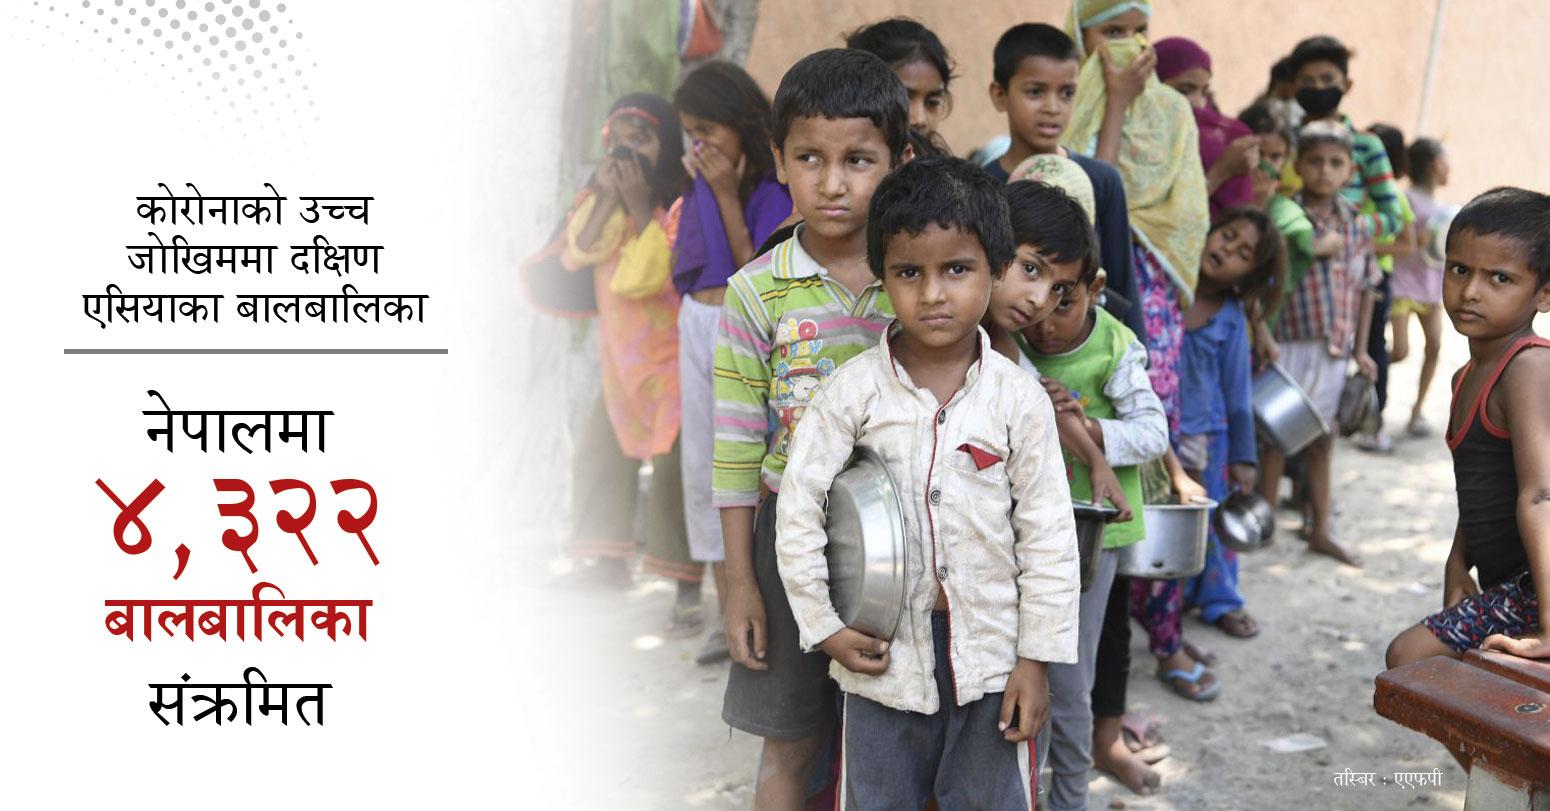 नेपालमा चार हजार तीन सय २२ बालबालिका संक्रमित